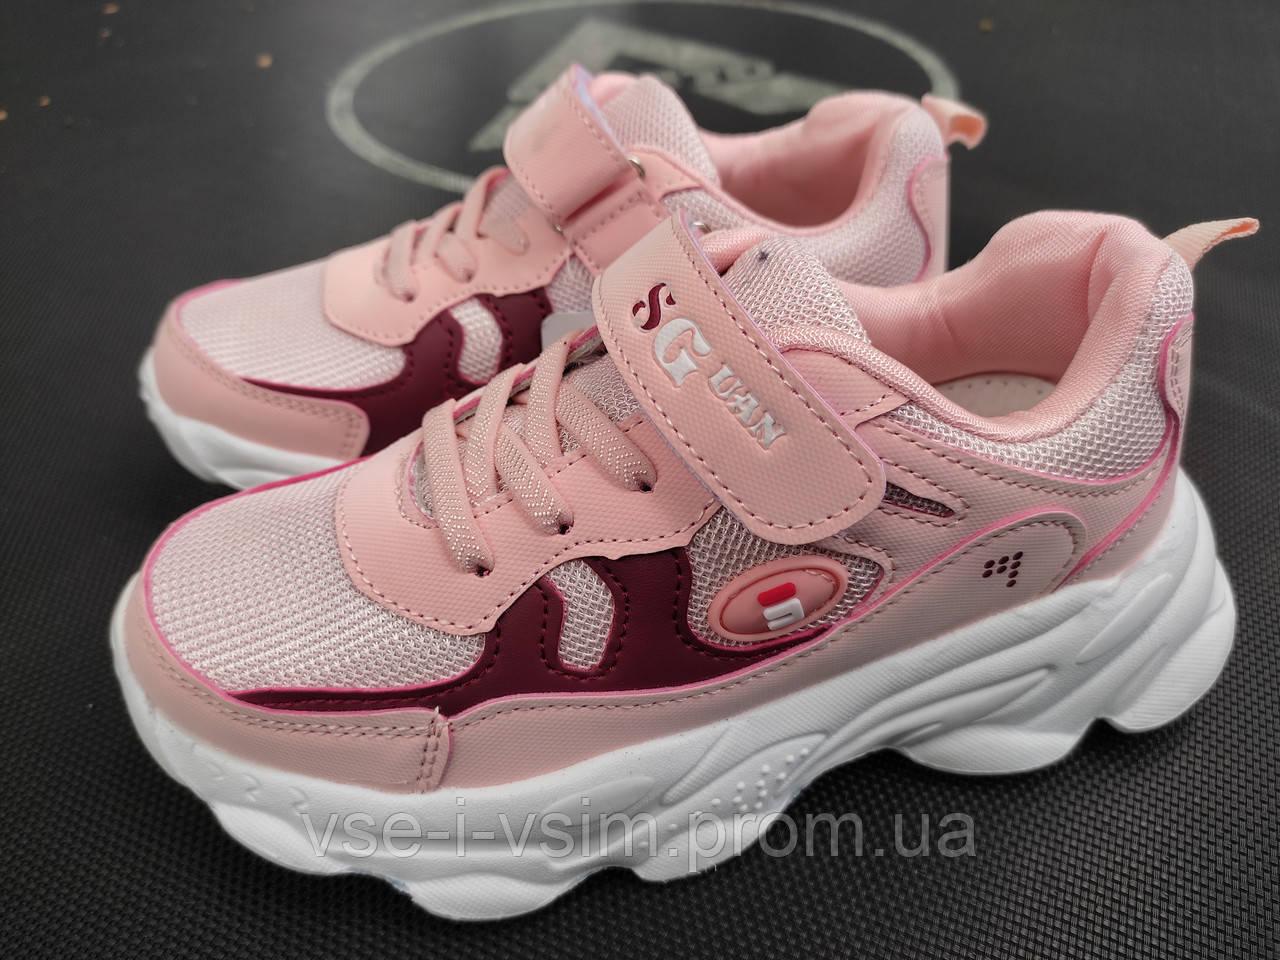 Кросівки для дівчинки 33 р стелька 20.5 см